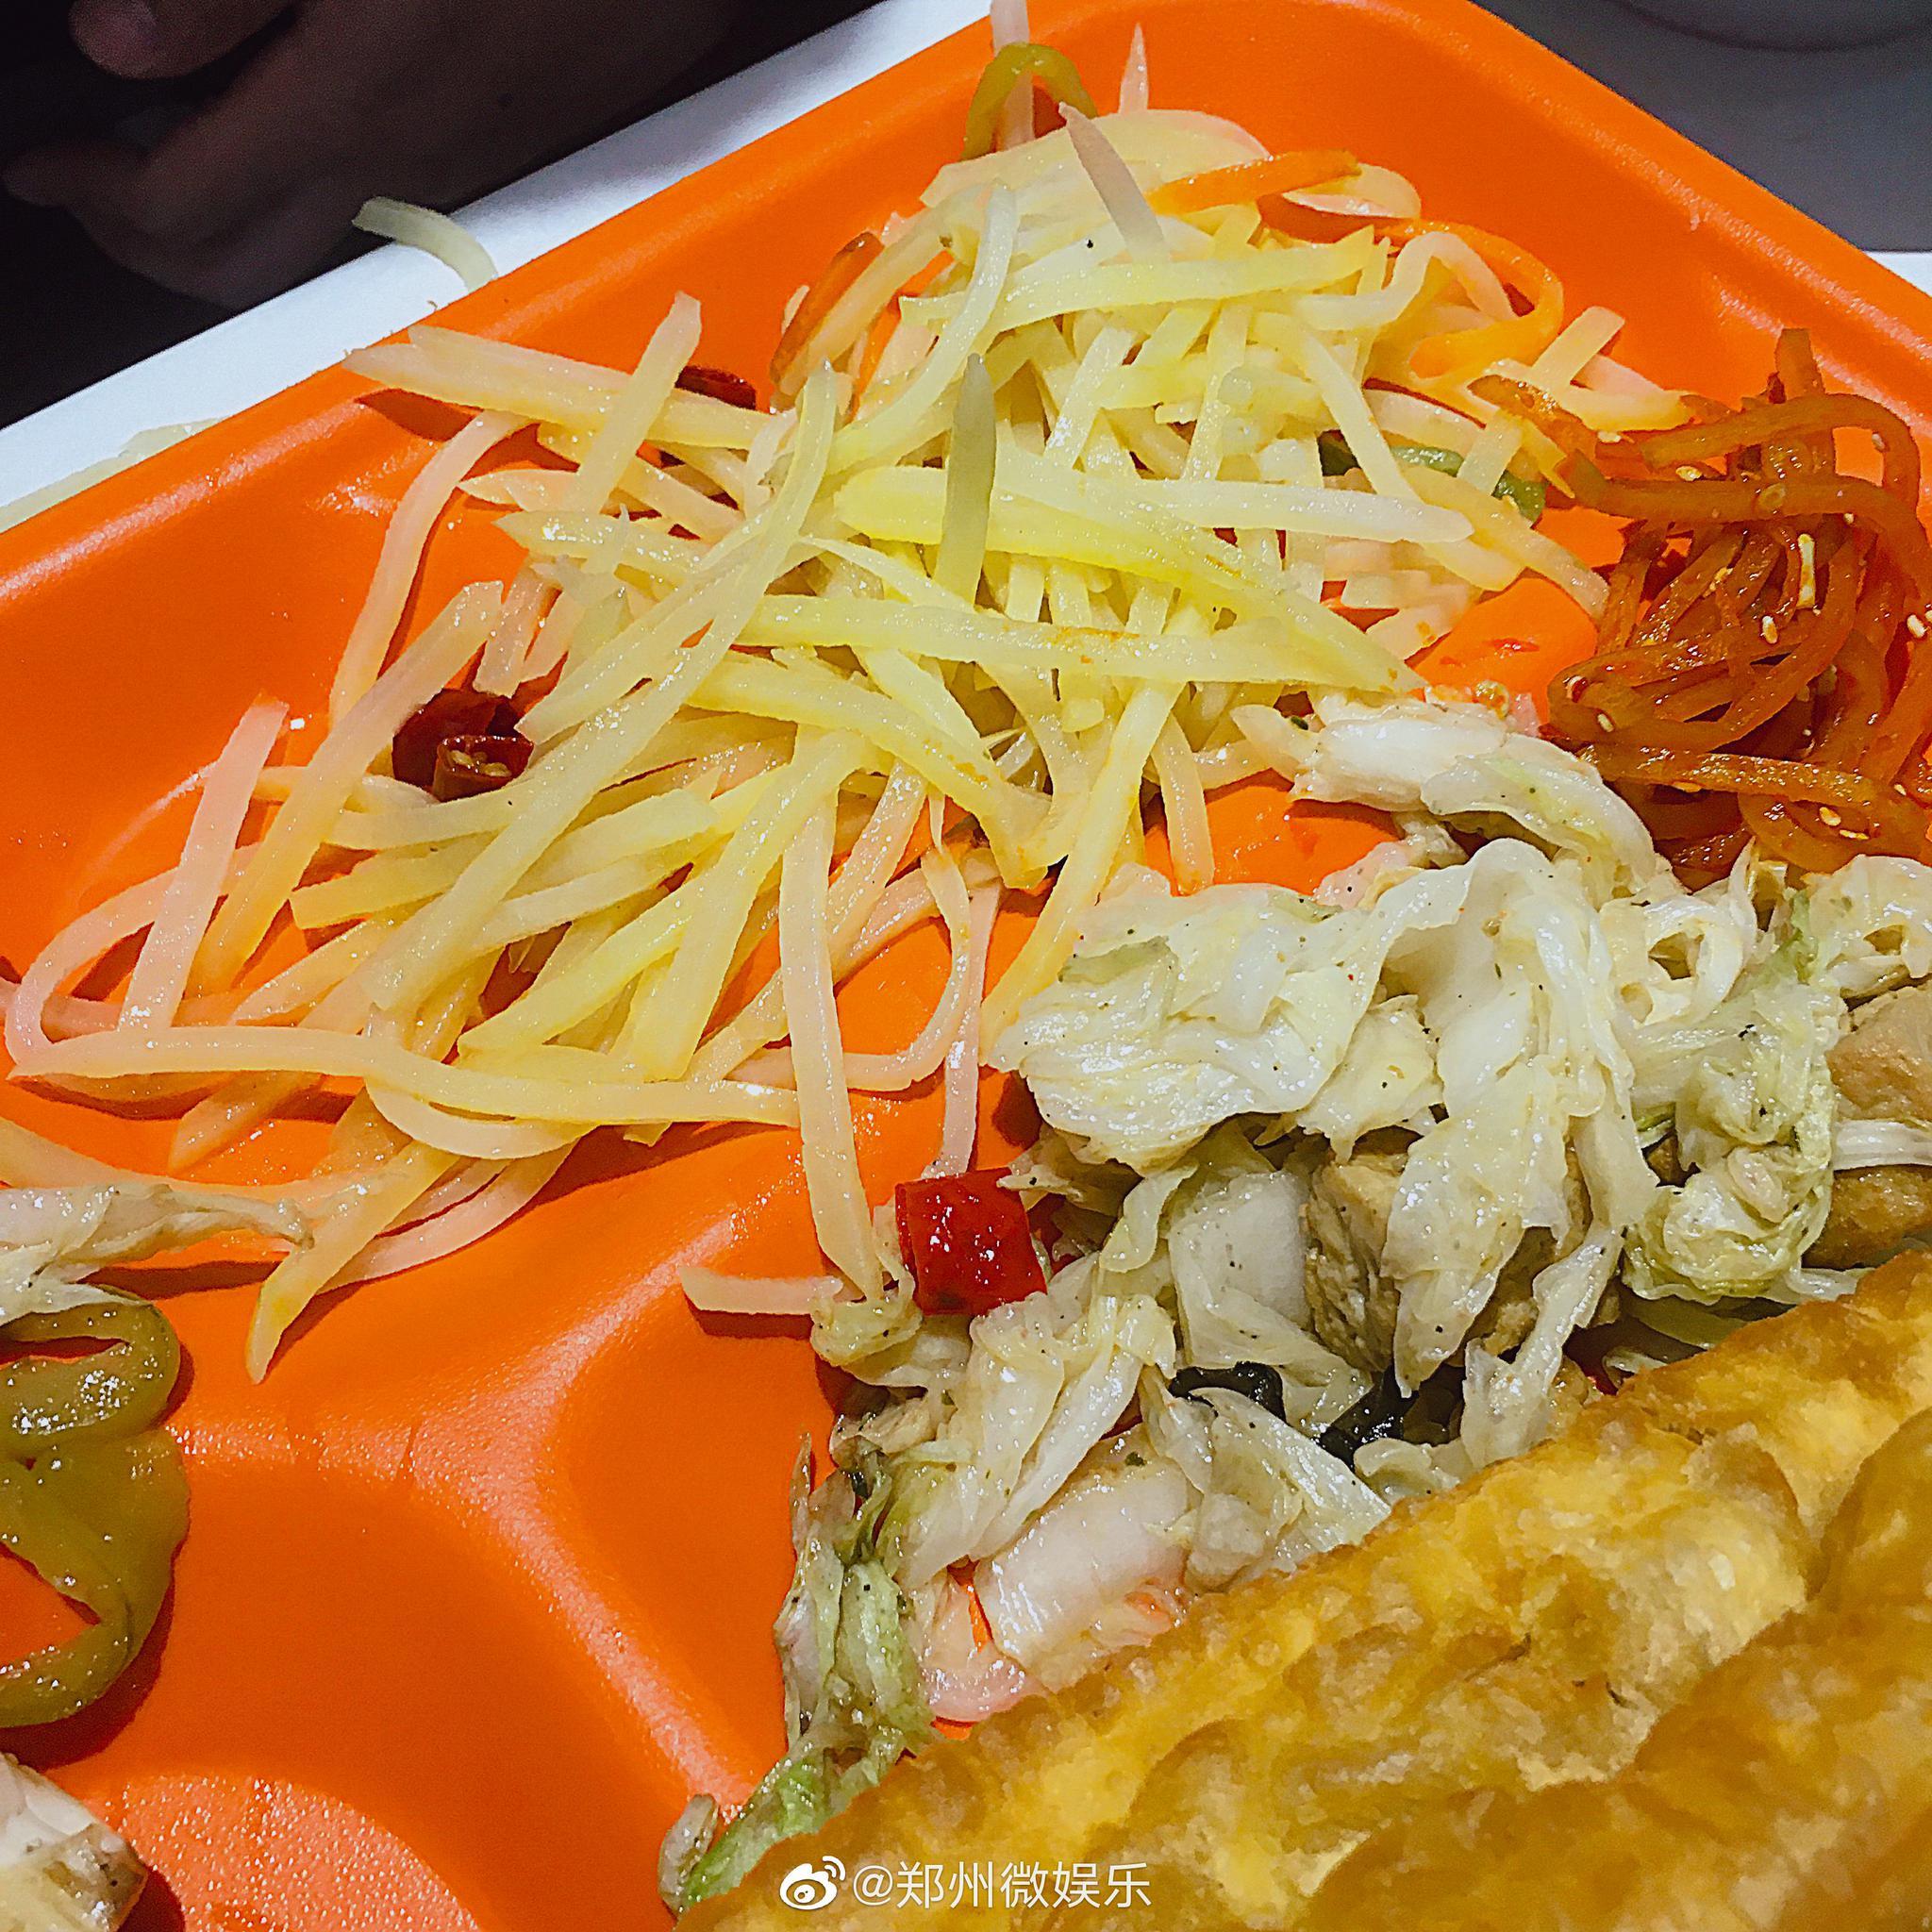 土豆丝+白菜豆腐+油条+韭菜鸡蛋锅贴+粥=6